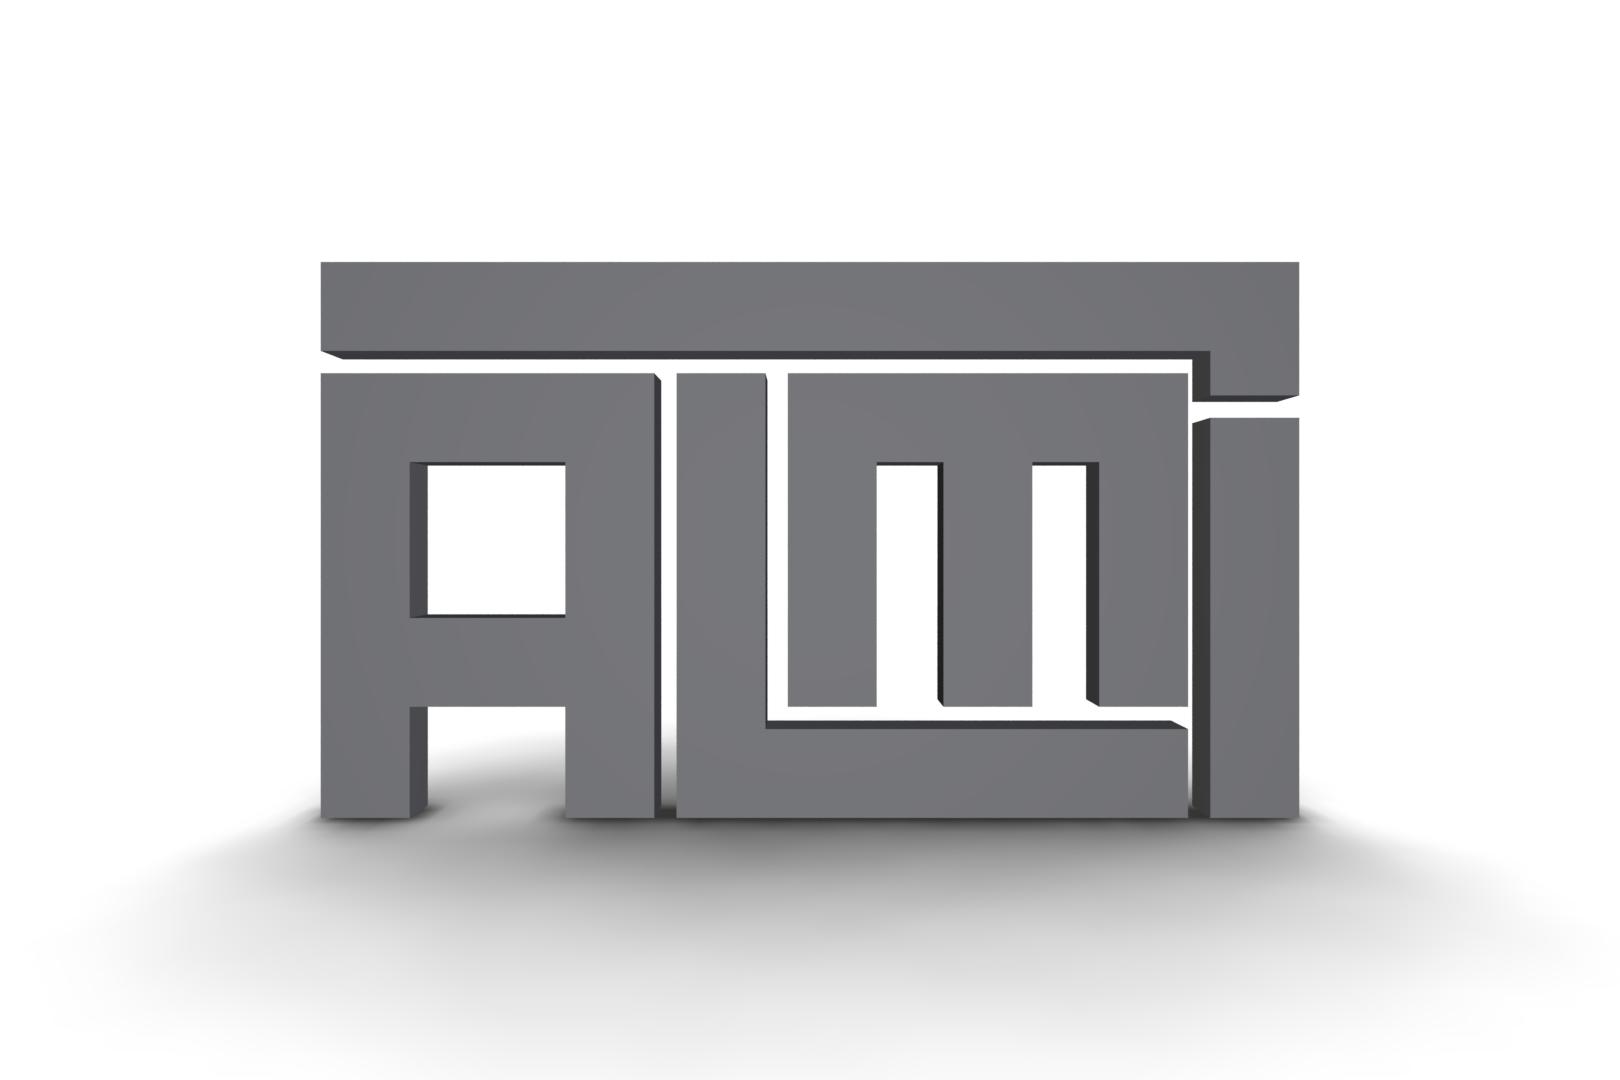 Разработка логотипа и фона фото f_954598f2fcc54f58.png